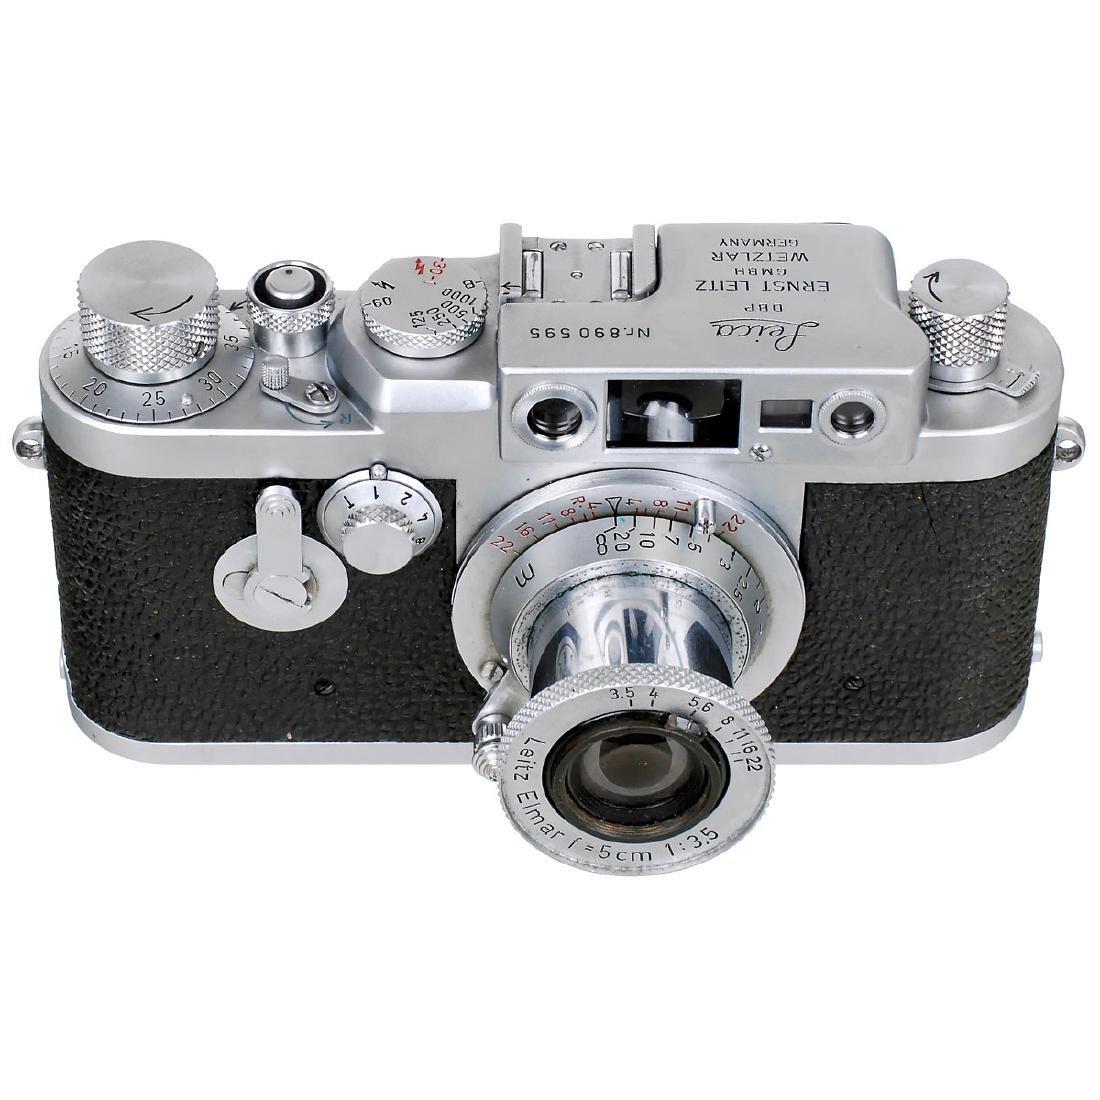 Leica IIIg with Elmar 3,5/5 cm, 1957